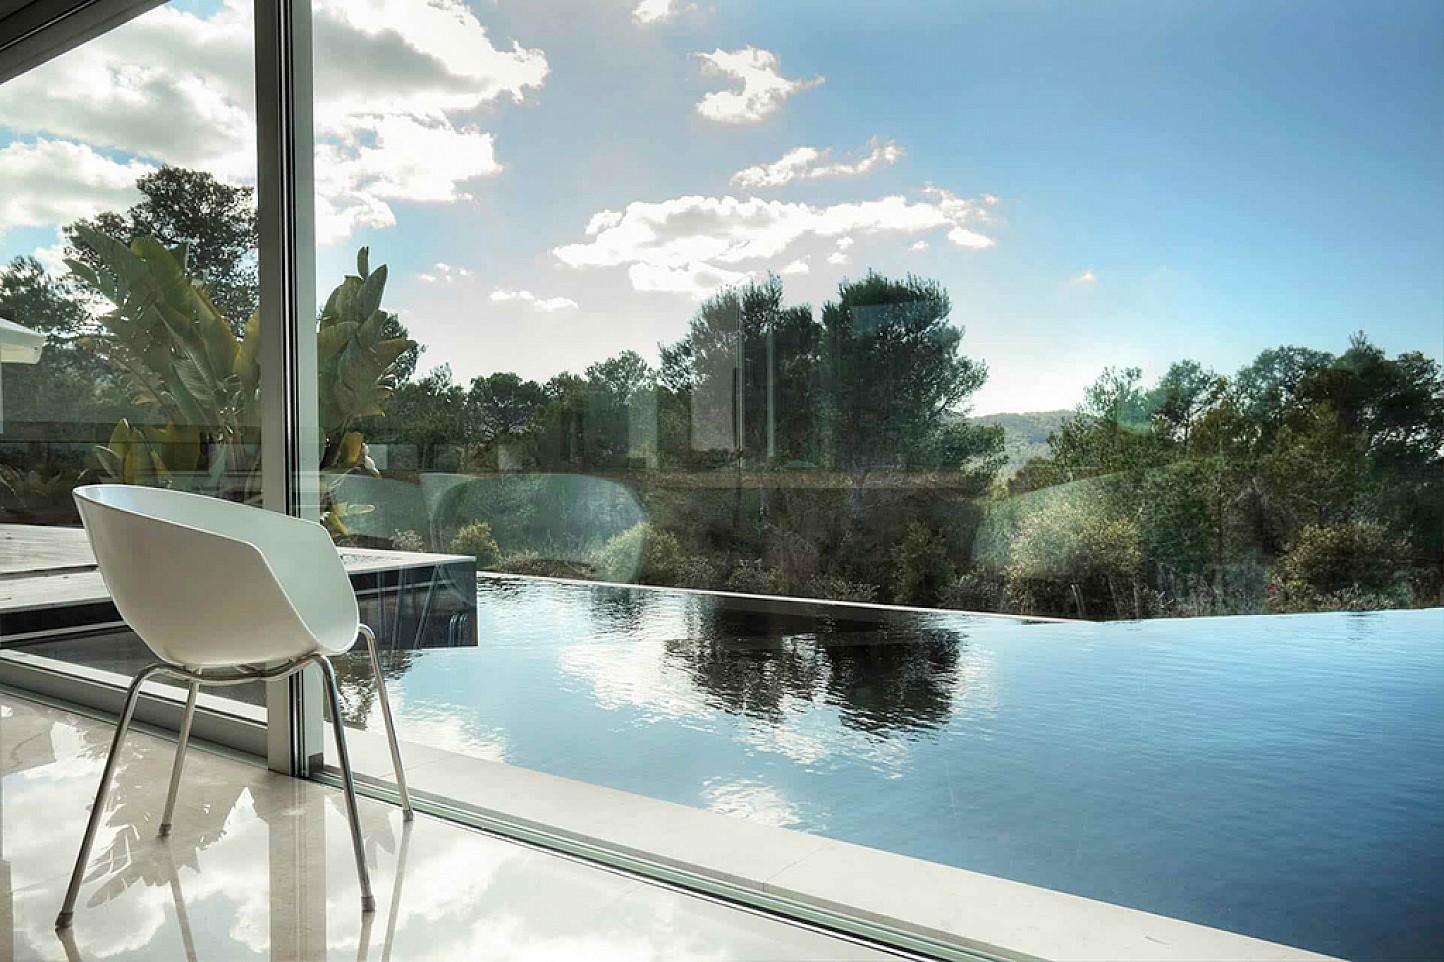 Gran piscina con buenas vistas